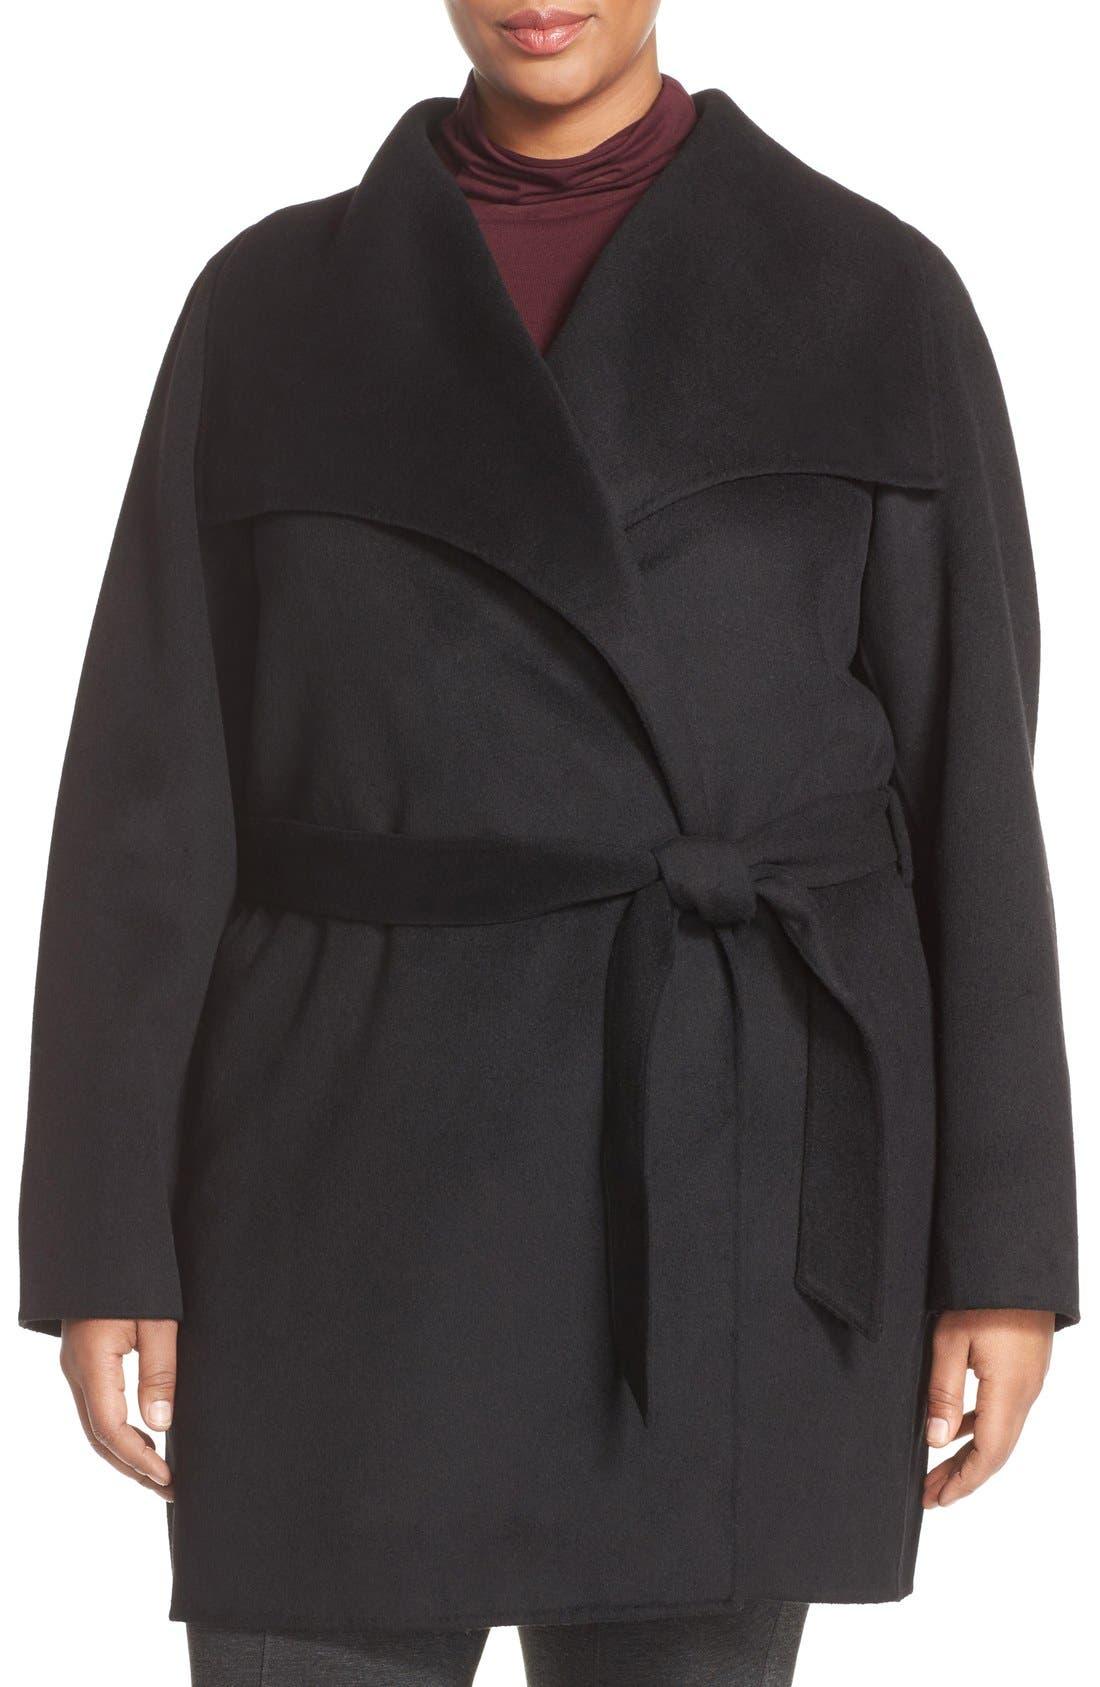 Alternate Image 1 Selected - Tahari 'Ella' Wrap Coat (Plus Size)